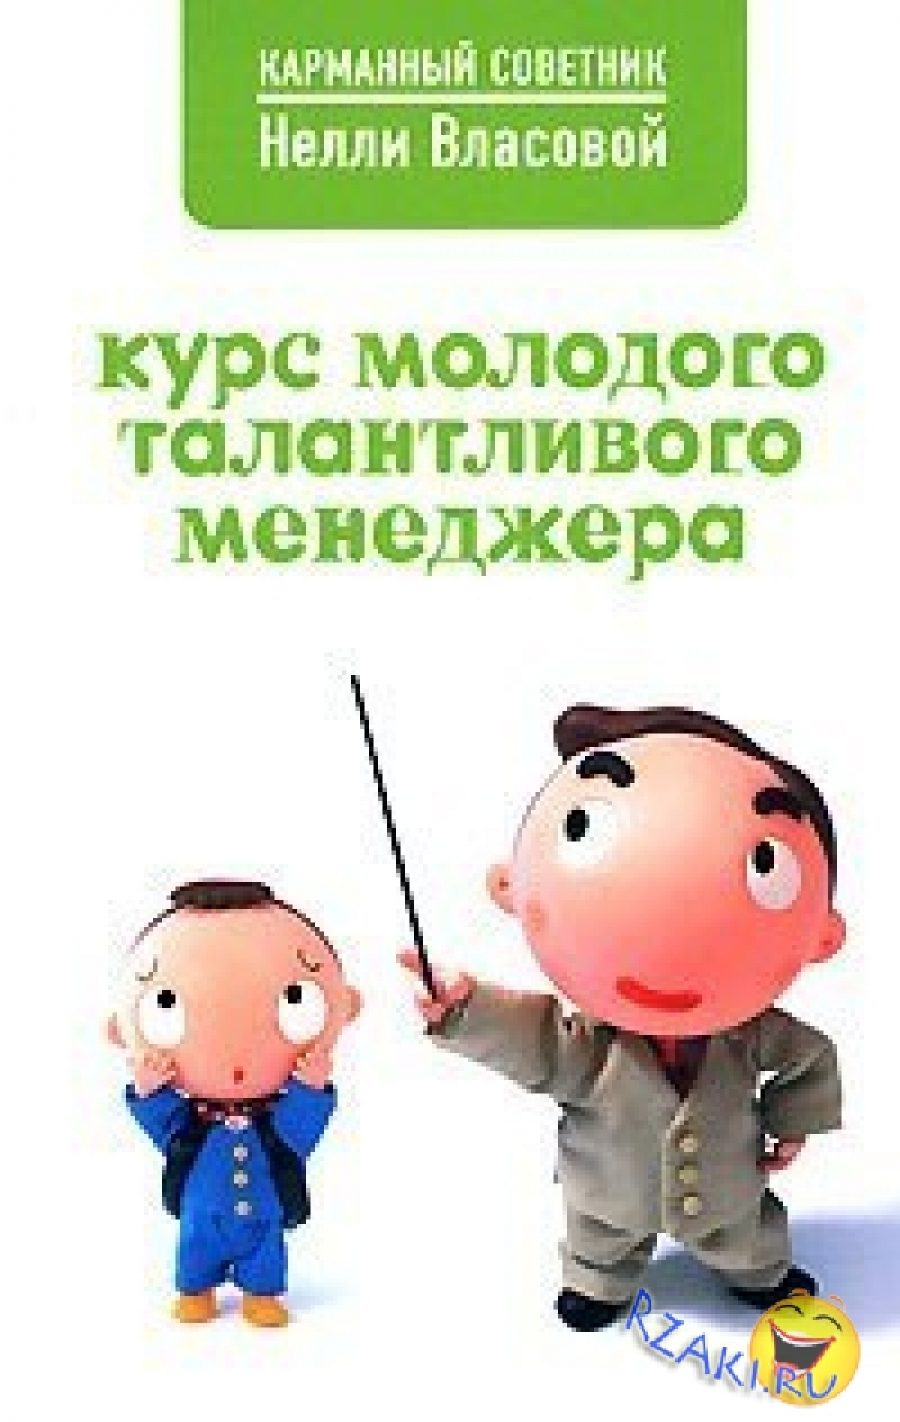 Обложка книги:  карманный советник - власова н. м. - курс молодого талантливого менеджера.